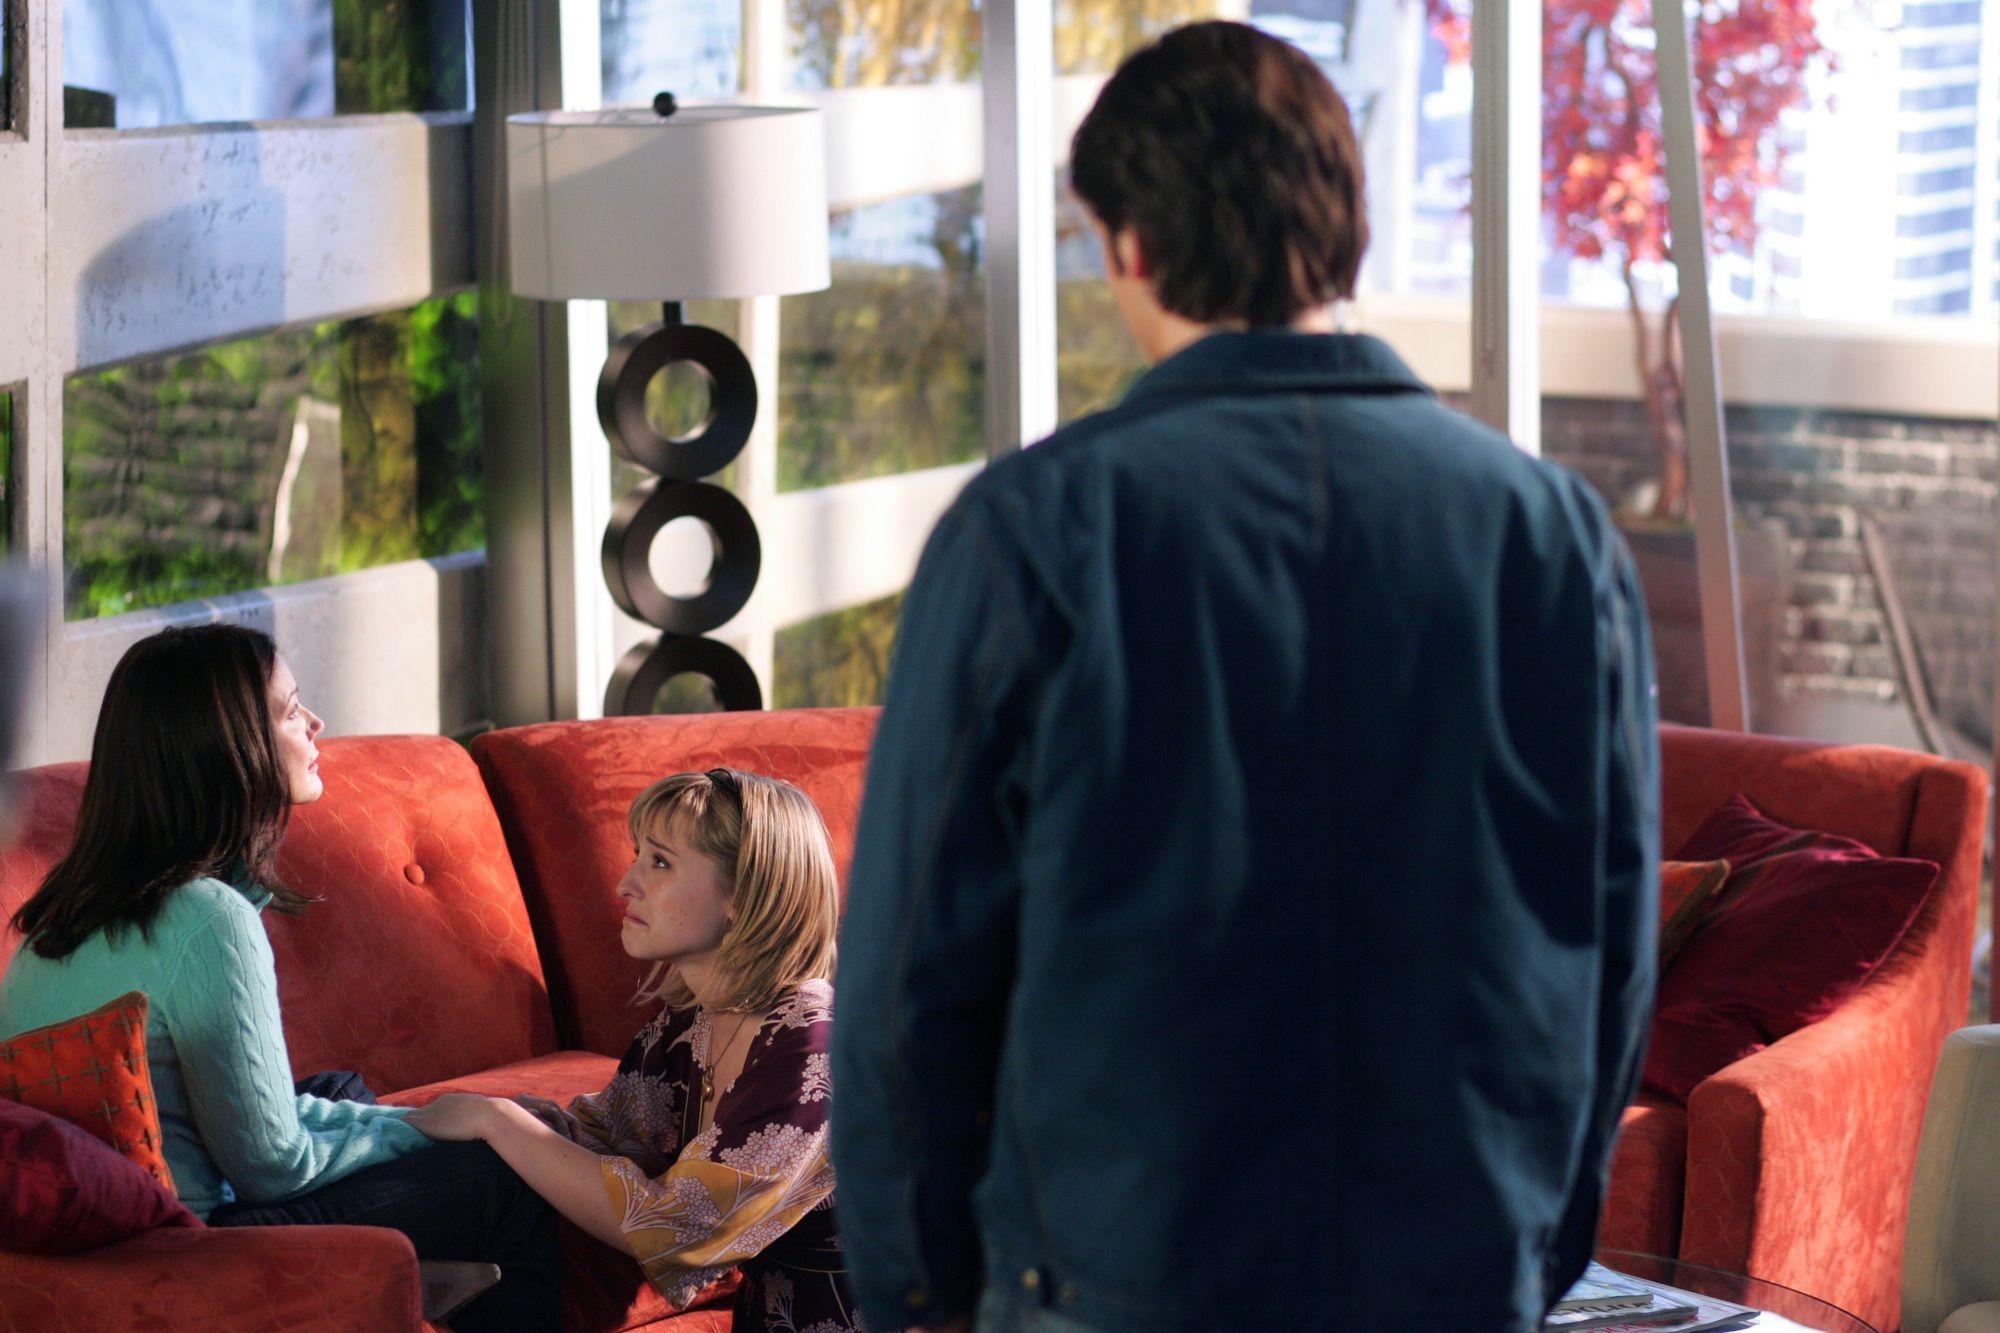 Smallville TV Series | Smallville (TV Series) Episode: Progeny - DC Comics Database